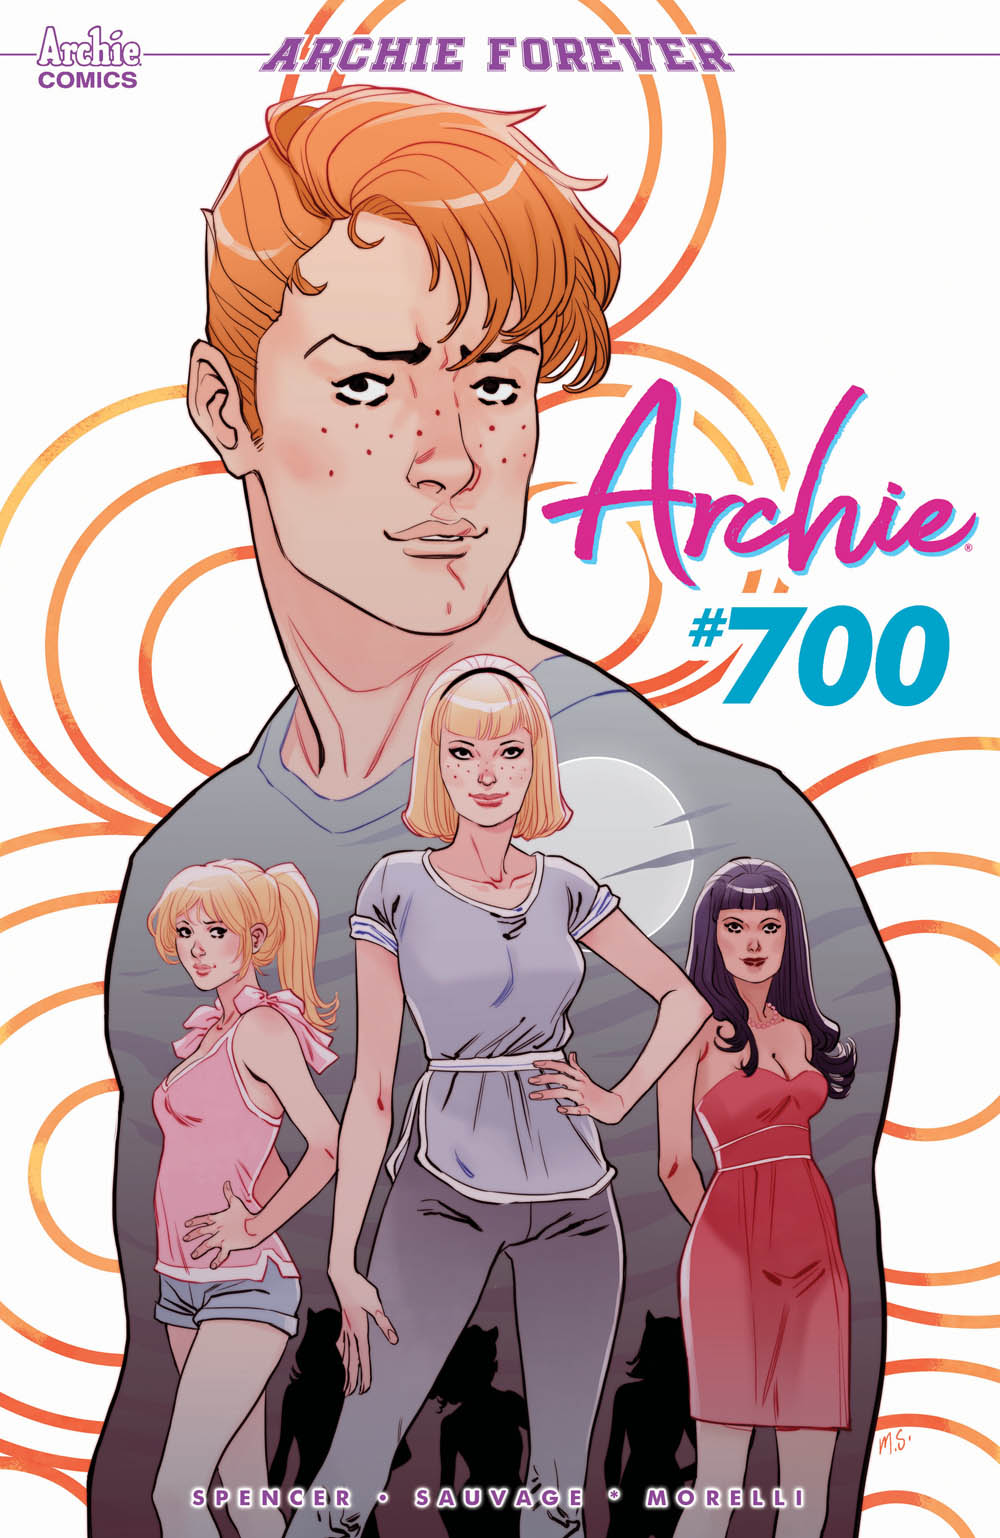 Archie700-Sauvage.jpg